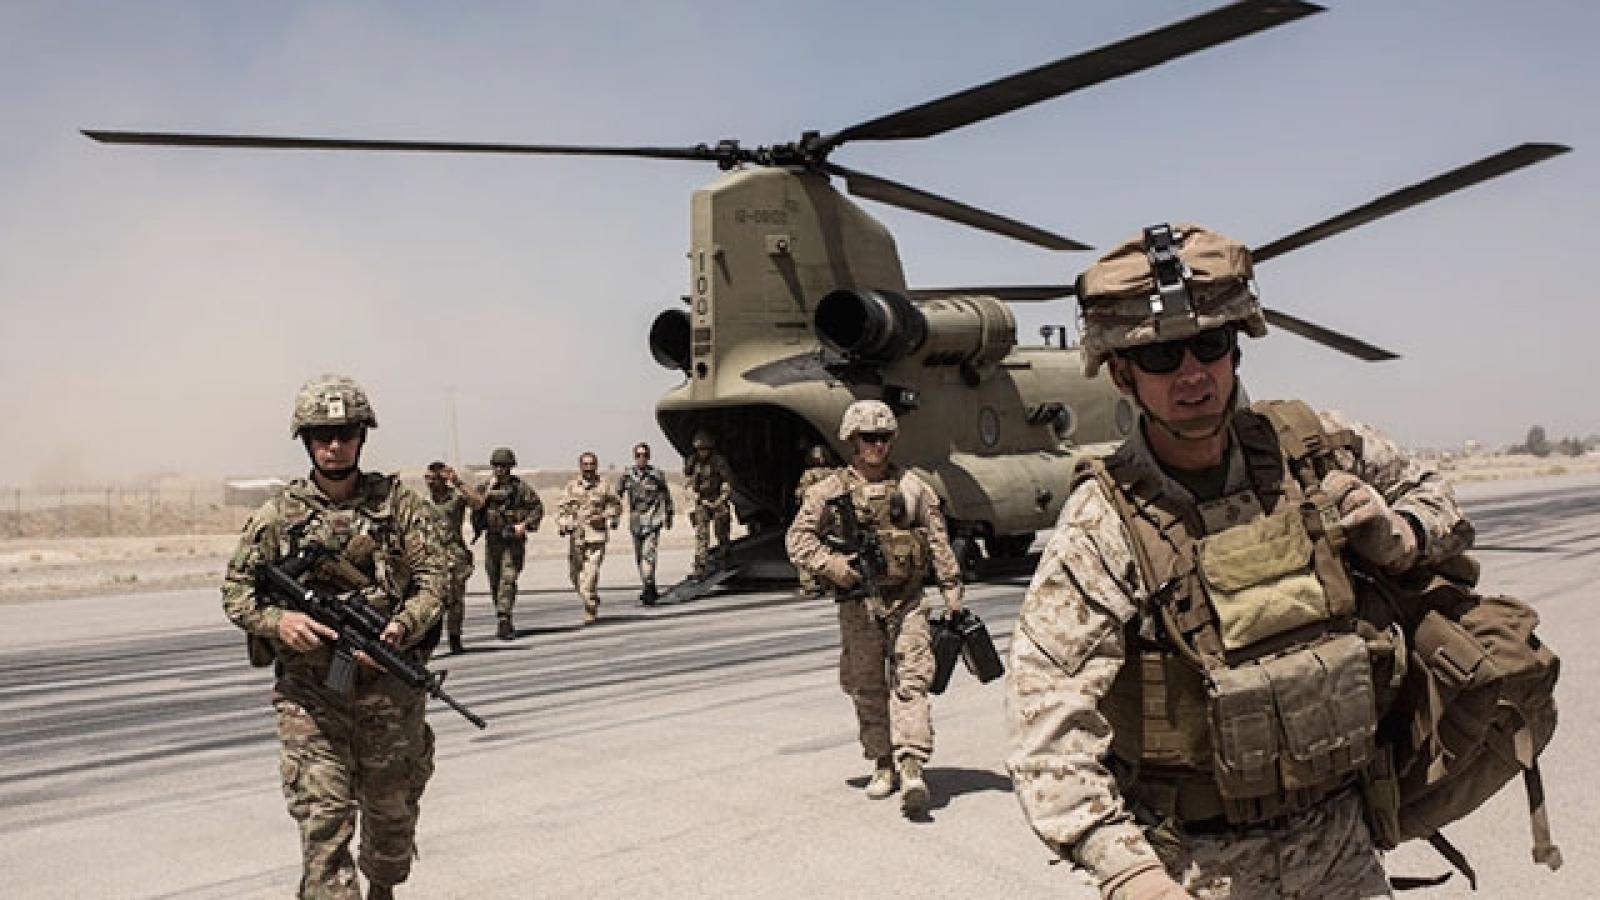 Hòa bình Afghanistan: Vấn đề nội bộ hay cuộc cạnh tranh của 2 siêu cường Nga - Mỹ?